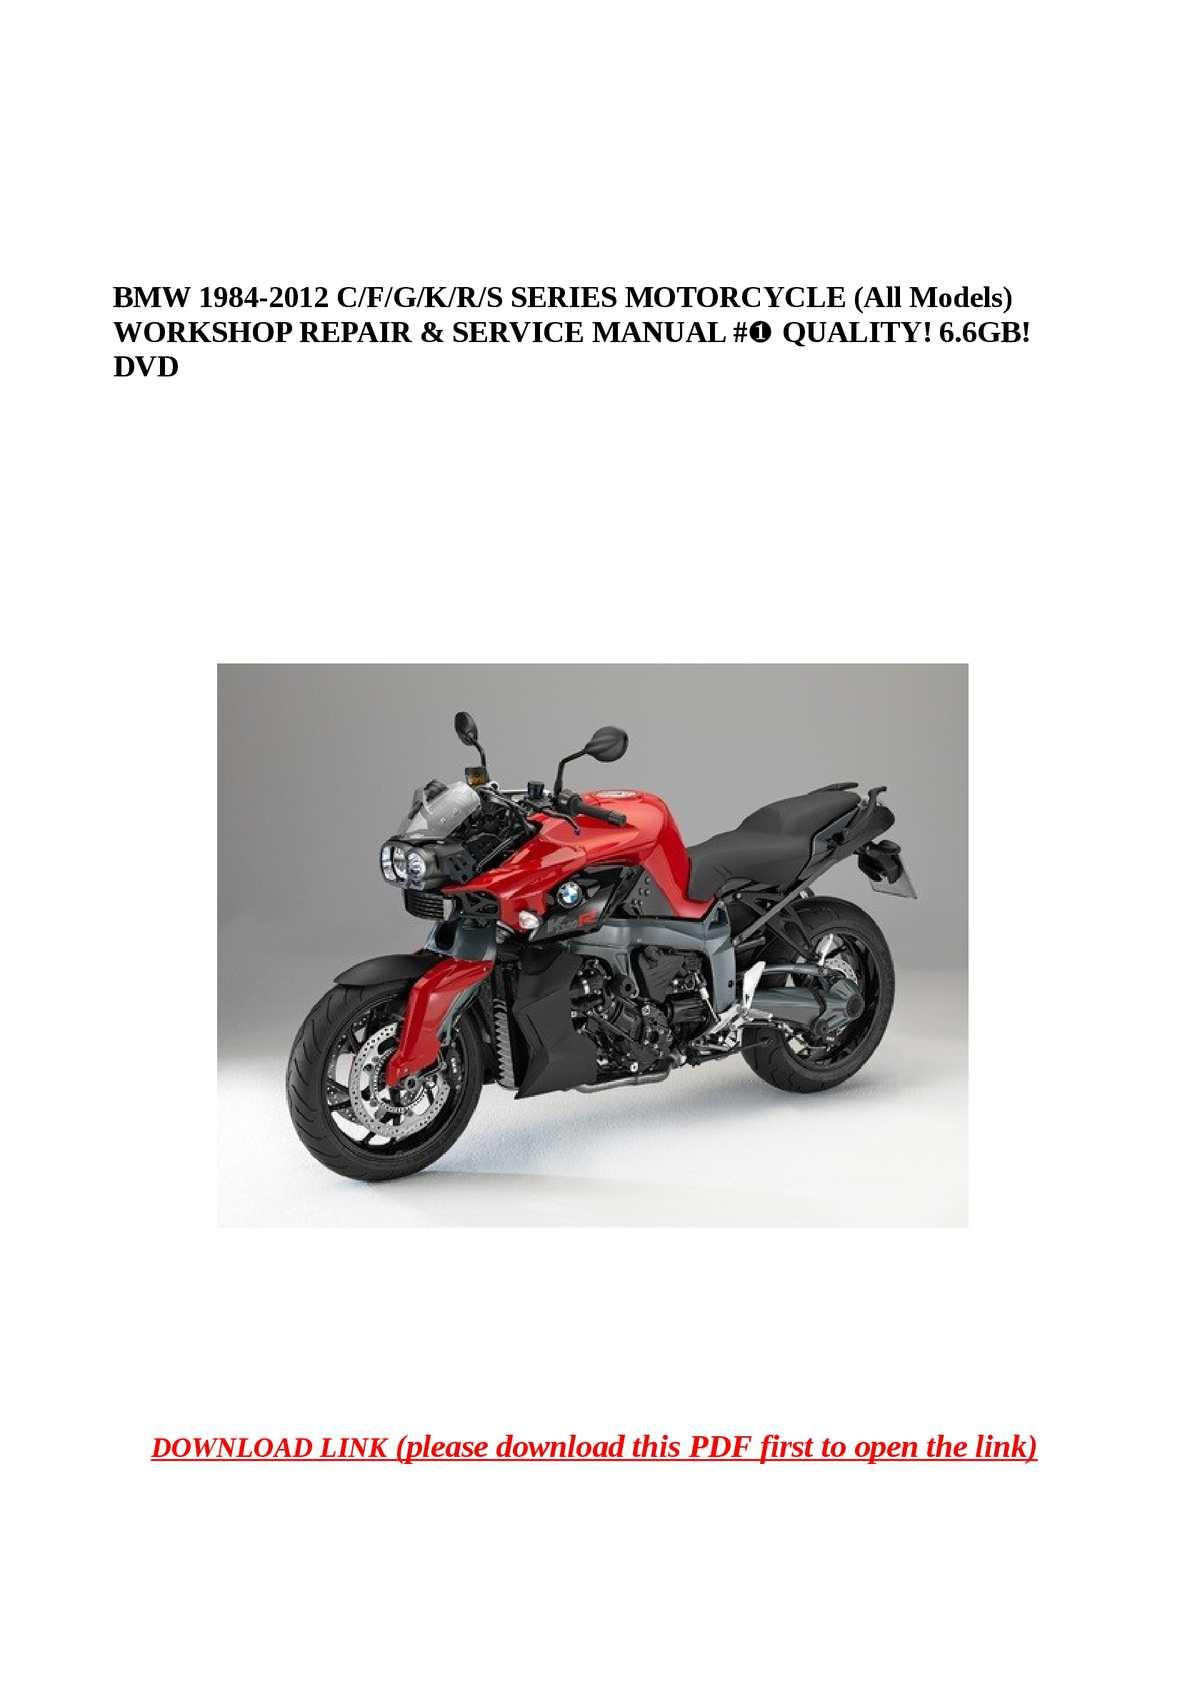 ... Array - calam o bmw 1984 2012 c f g k r s series motorcycle all rh  calameo com Array - bmw motorcycle service and repair manuals ...